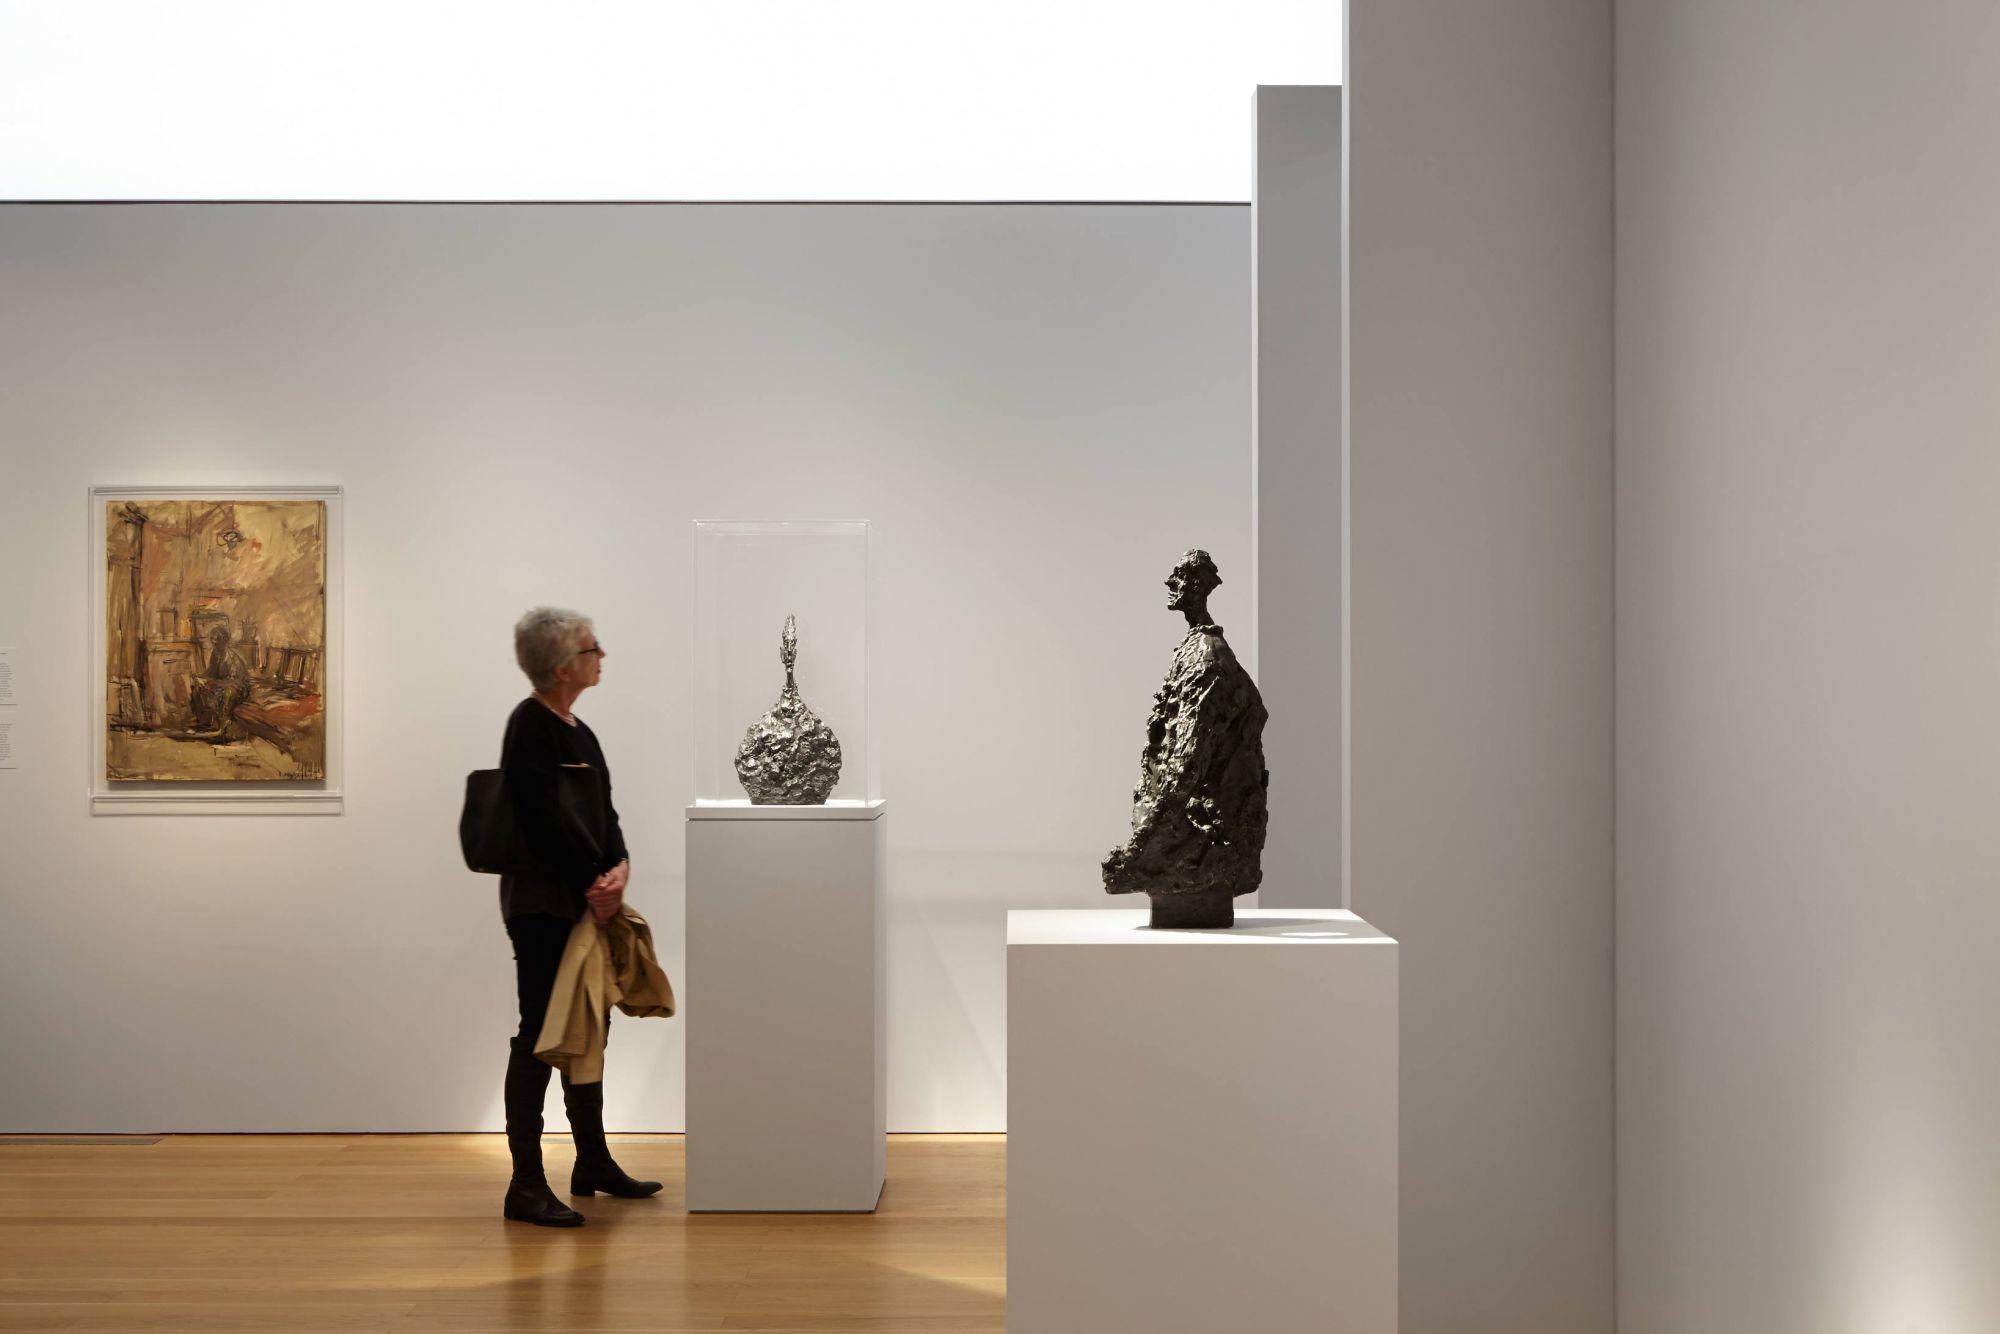 001_Giacometti-Pure-Presence_Stanton-Williams_London_001